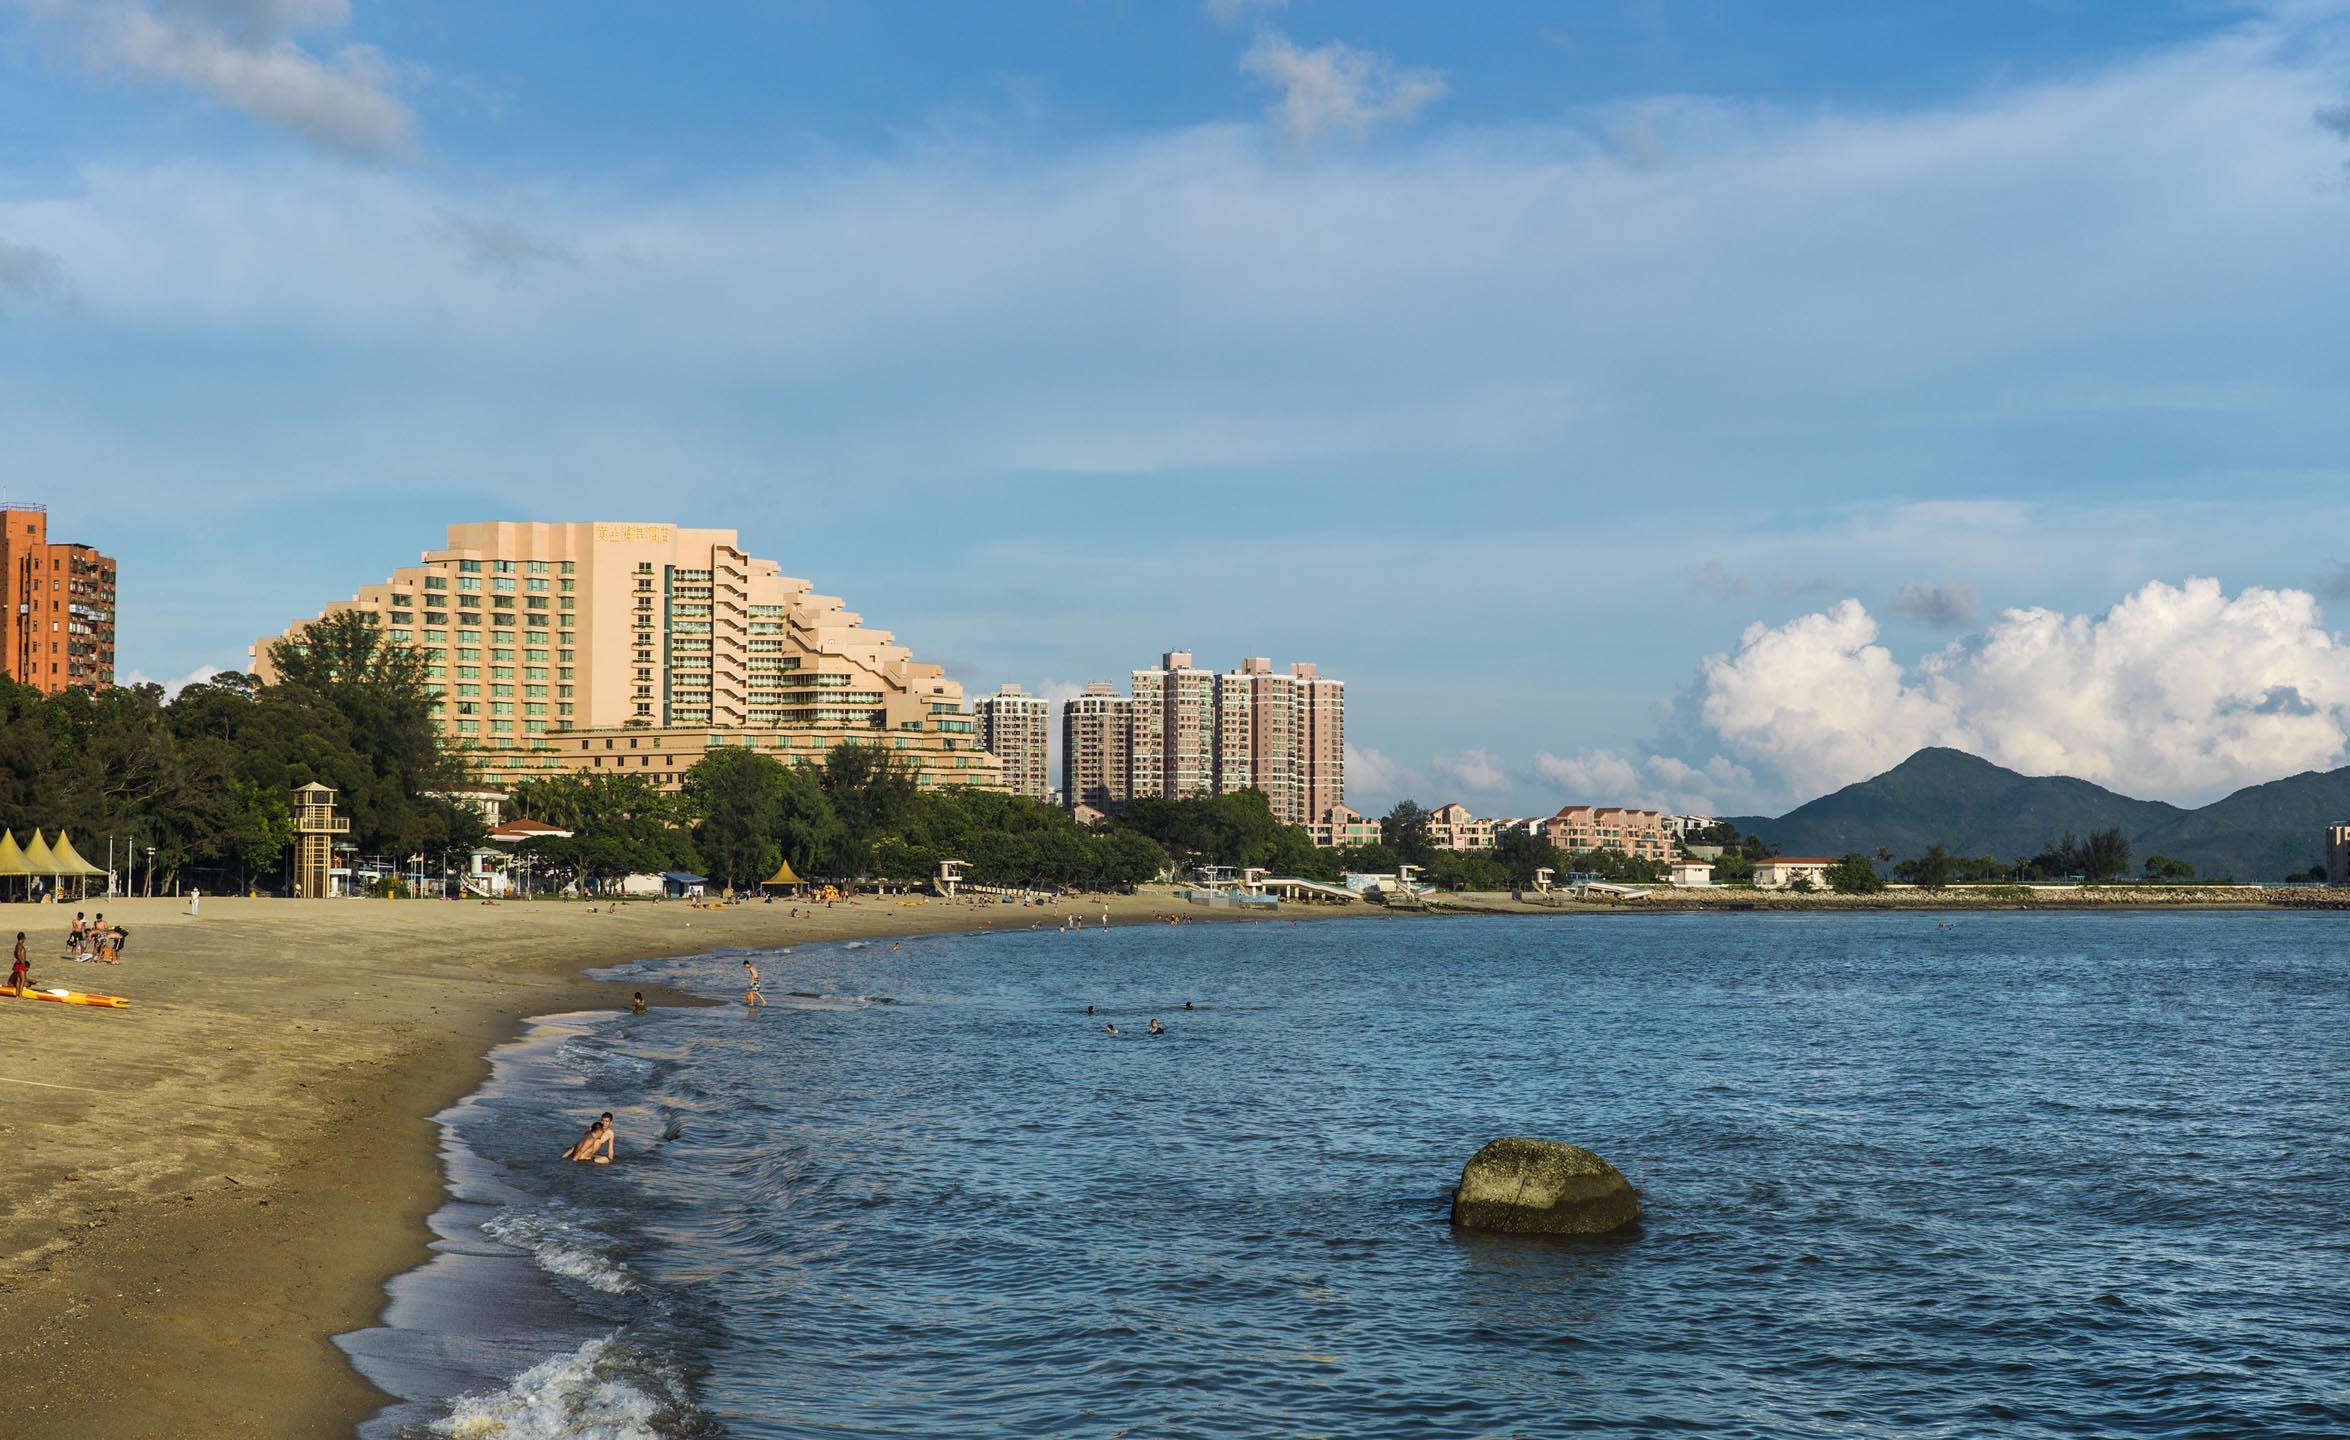 2.Gold Coast Hotel, Hong Kong